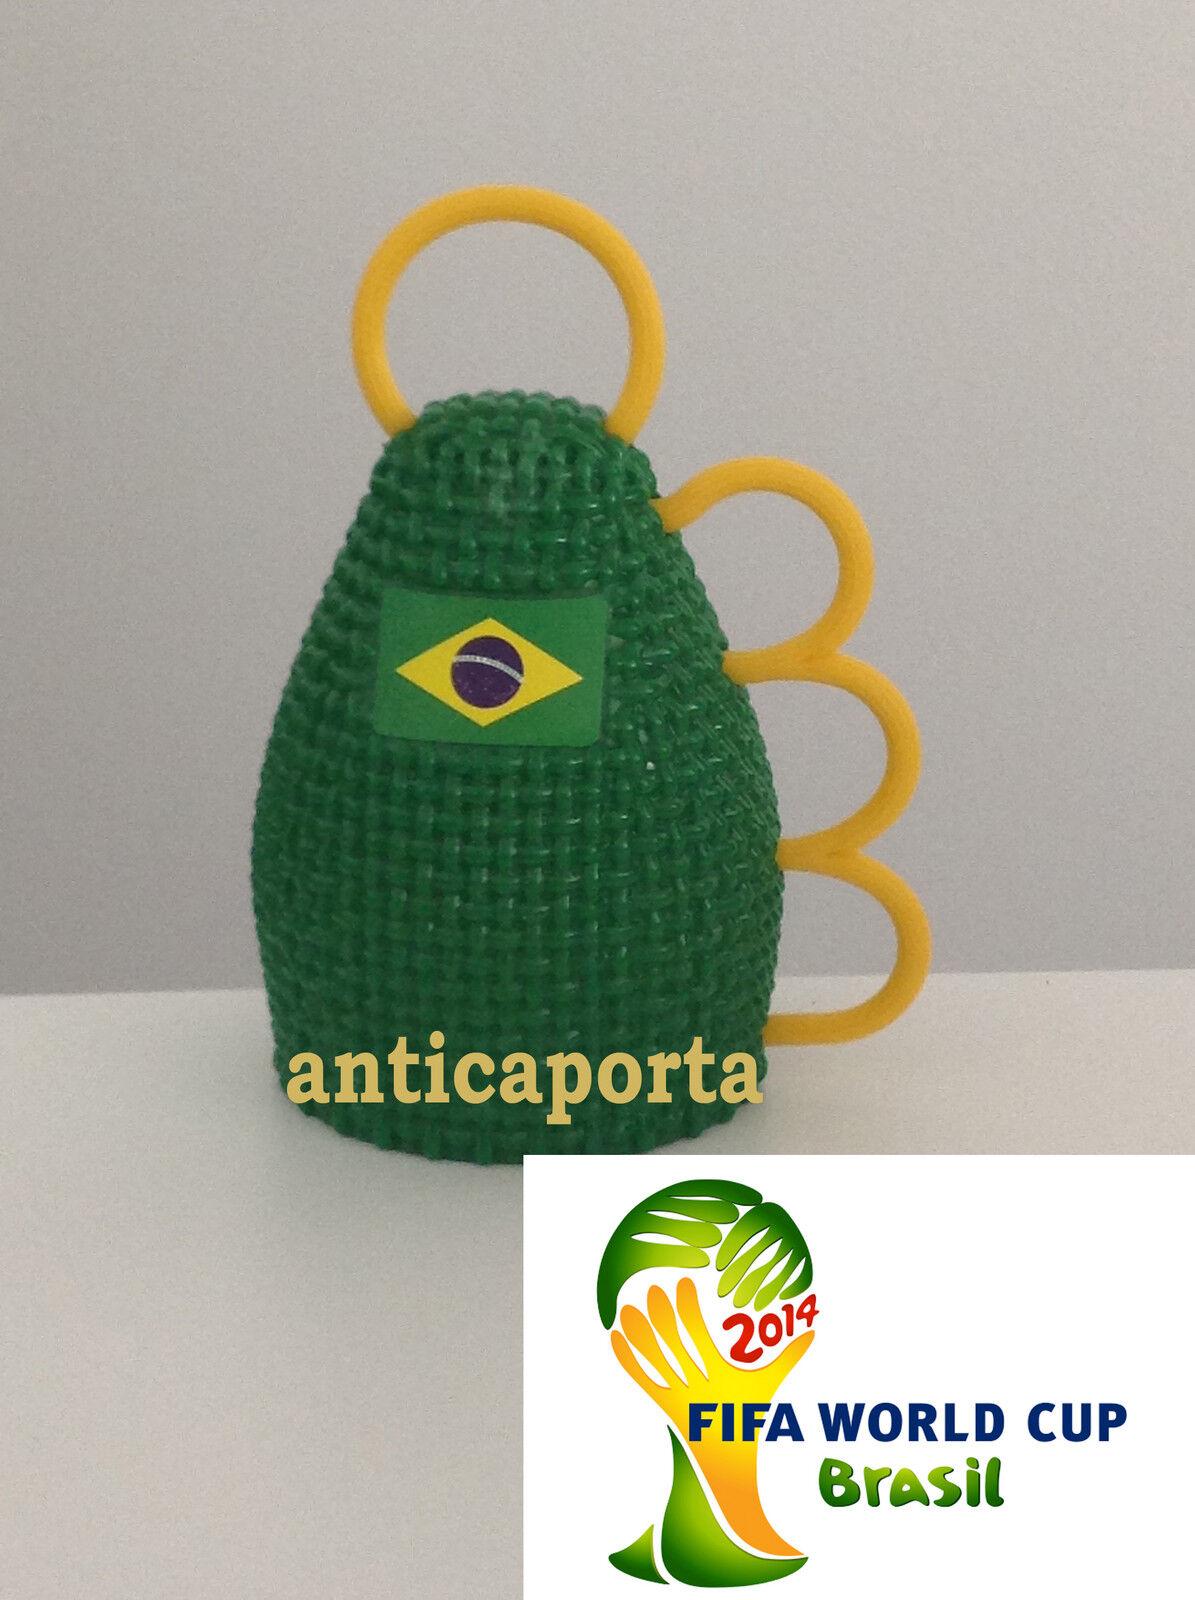 8 Caxirola Mundo  Brasil 2014 Amarillo Cocheacas Vuvuzela Mundo Cup Brasil Belle  precio razonable